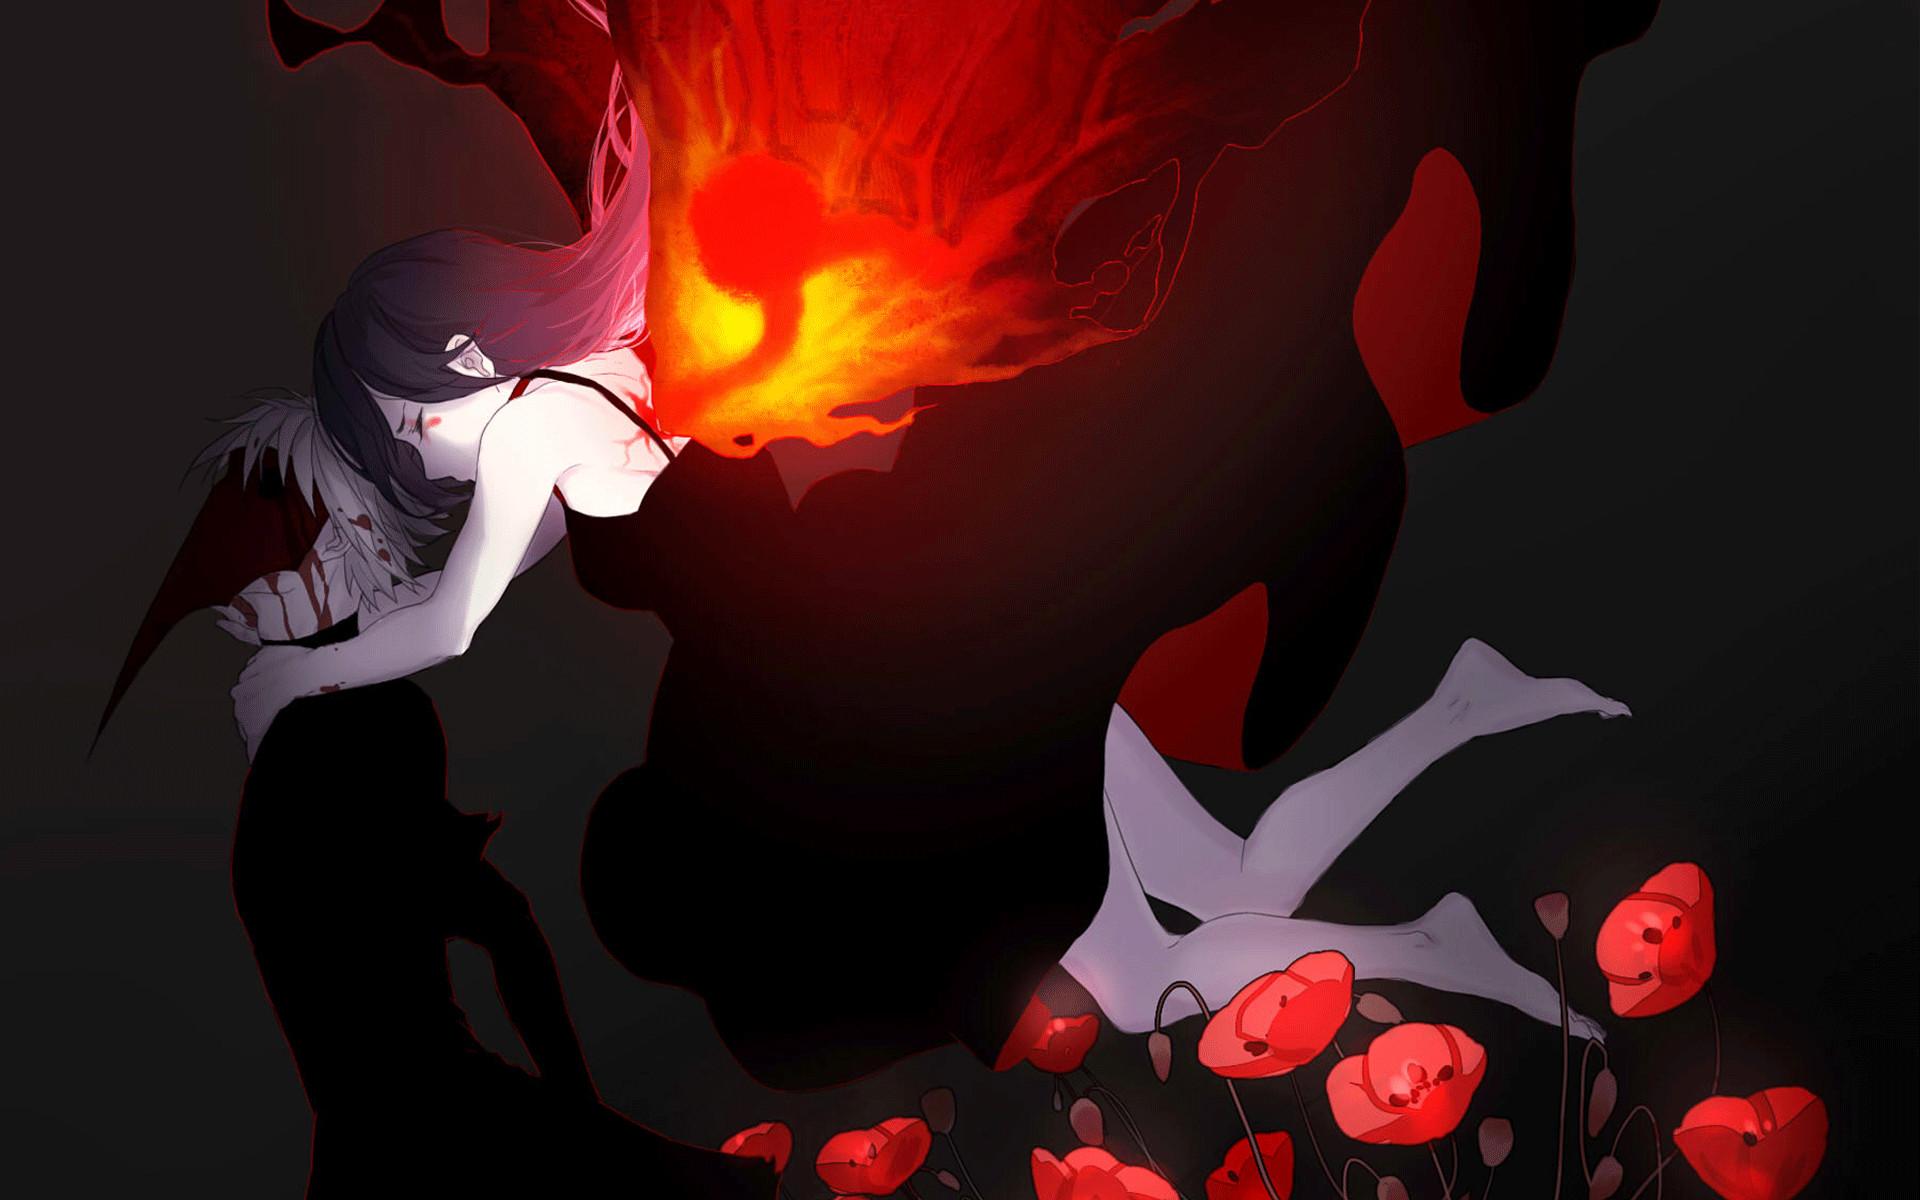 Anime Tokyo Ghoul Touka Kirishima Ken Kaneki Wallpaper